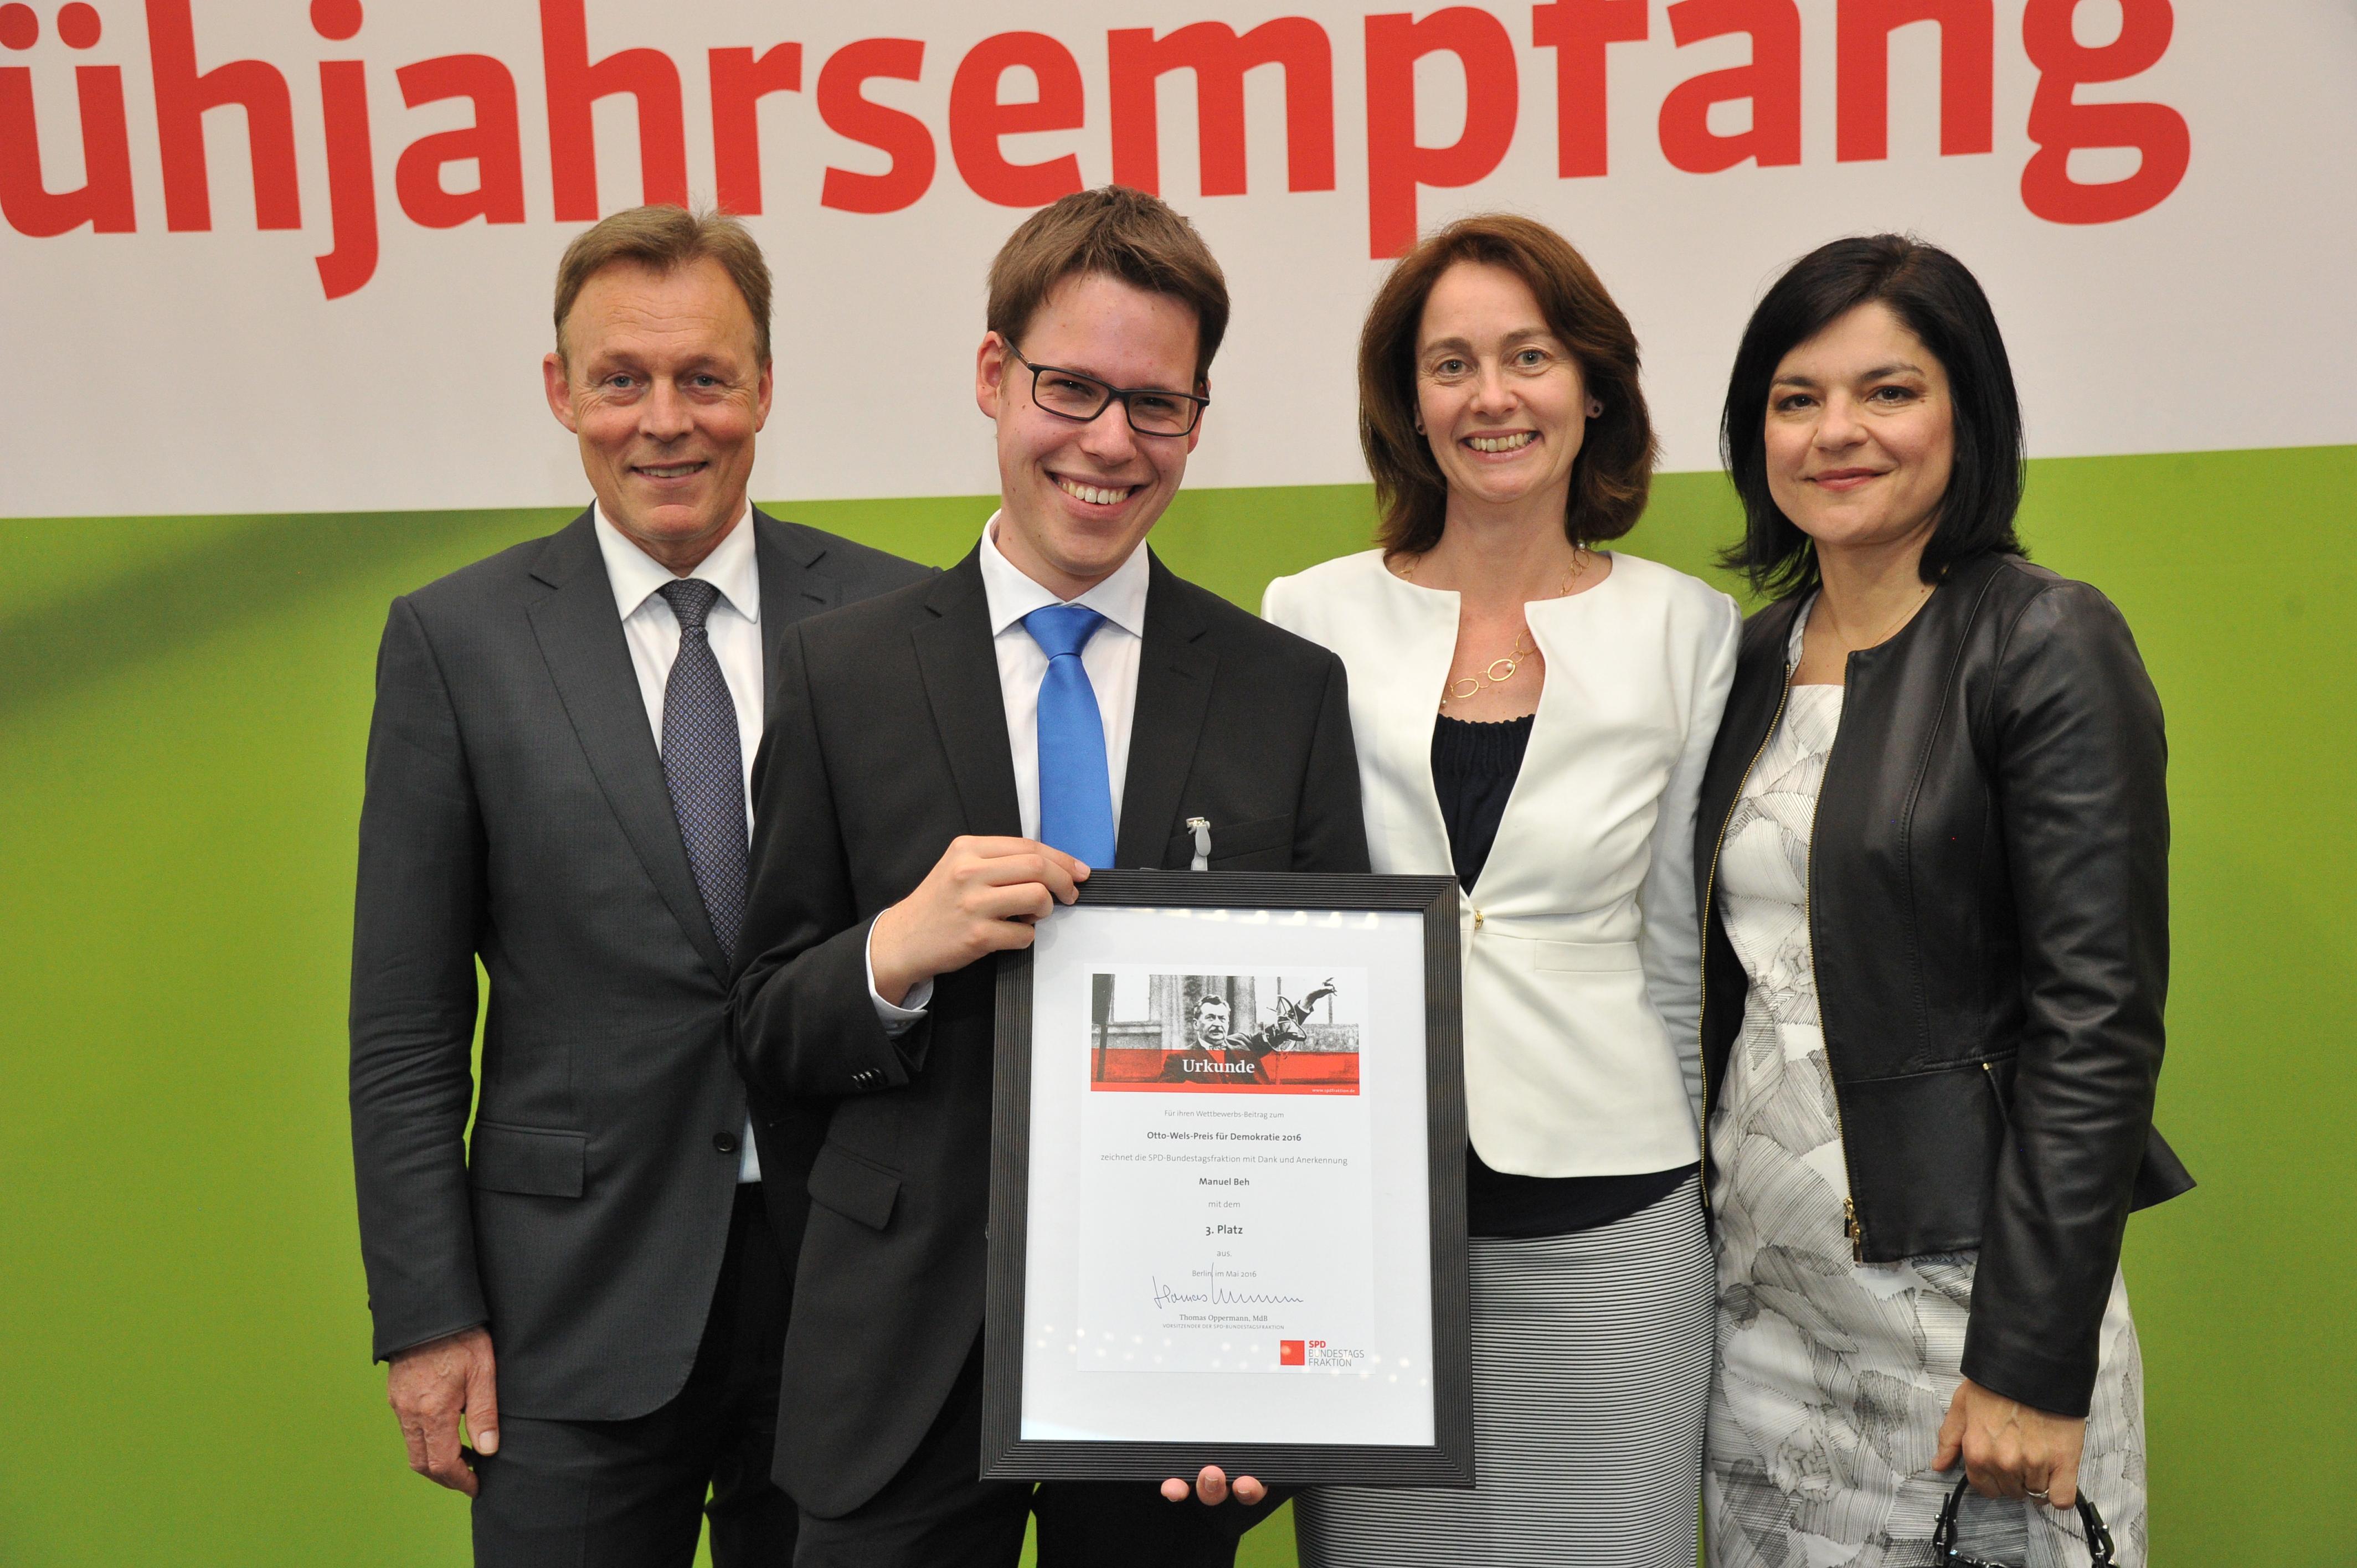 Manuel Beh aus Trier gewinnt Otto-Wels-Preis der SPD-Bundestagsfraktion